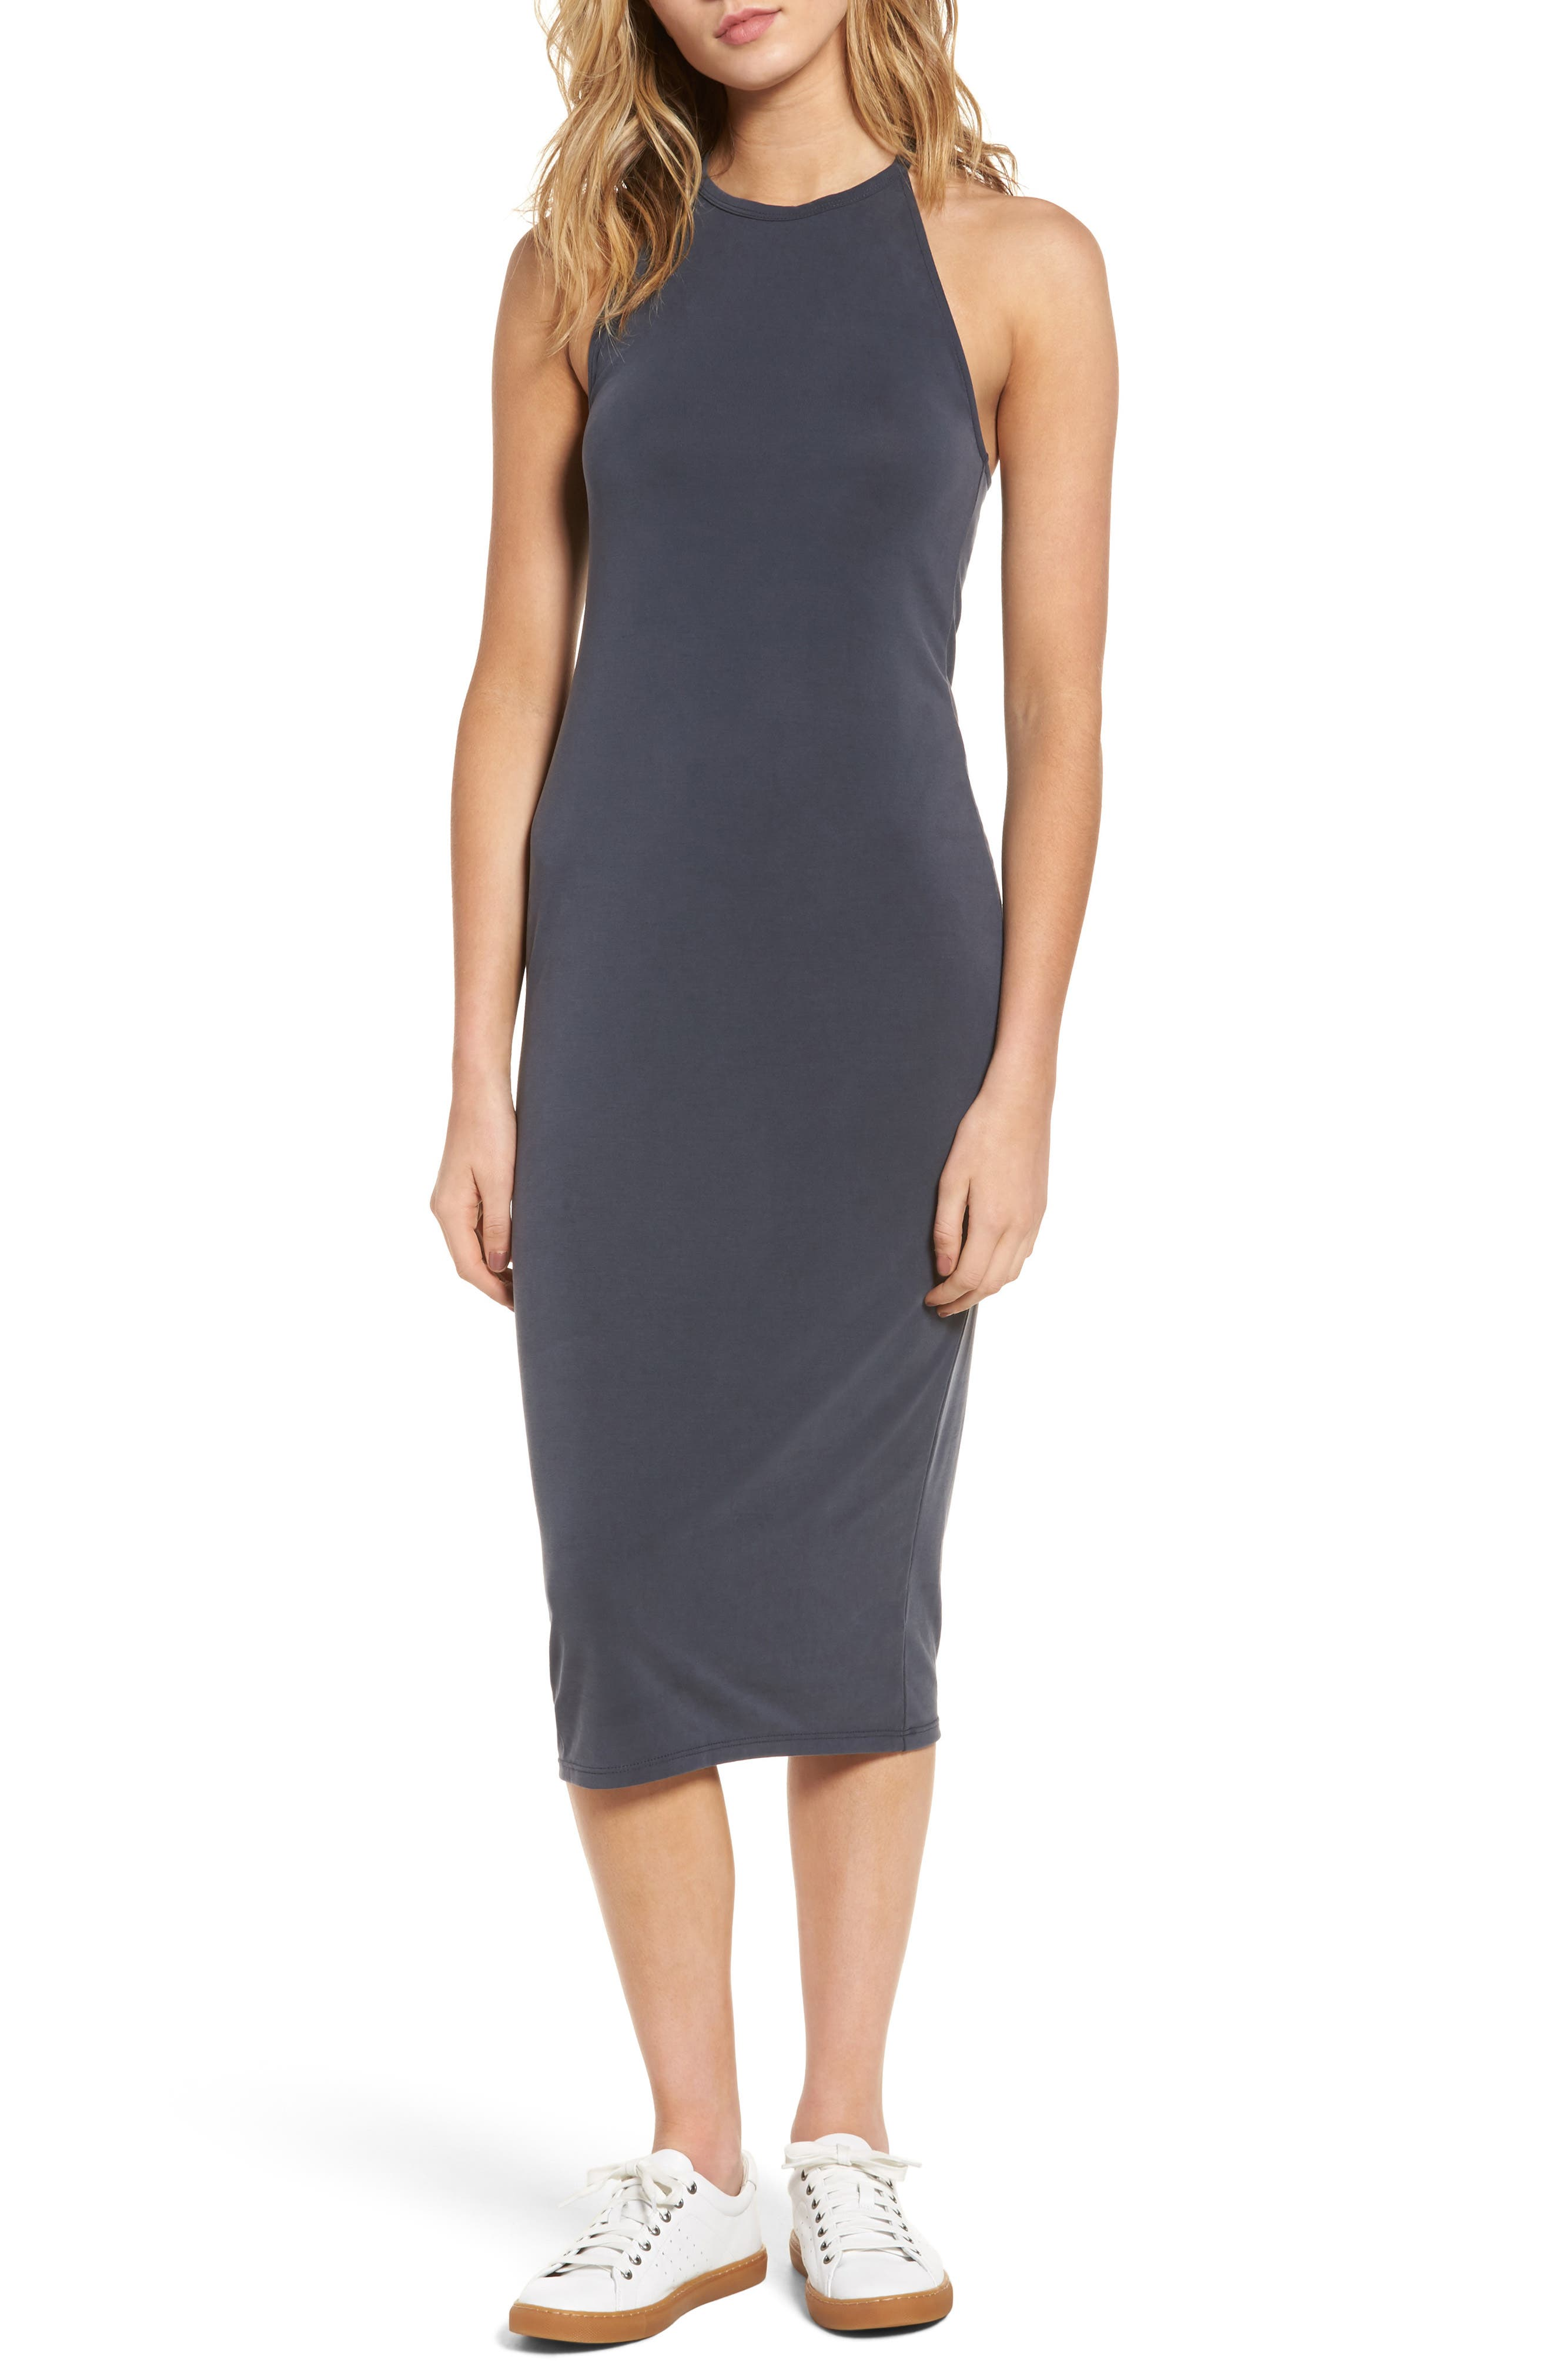 Cutaway Tank Dress,                         Main,                         color, Grey Ebony